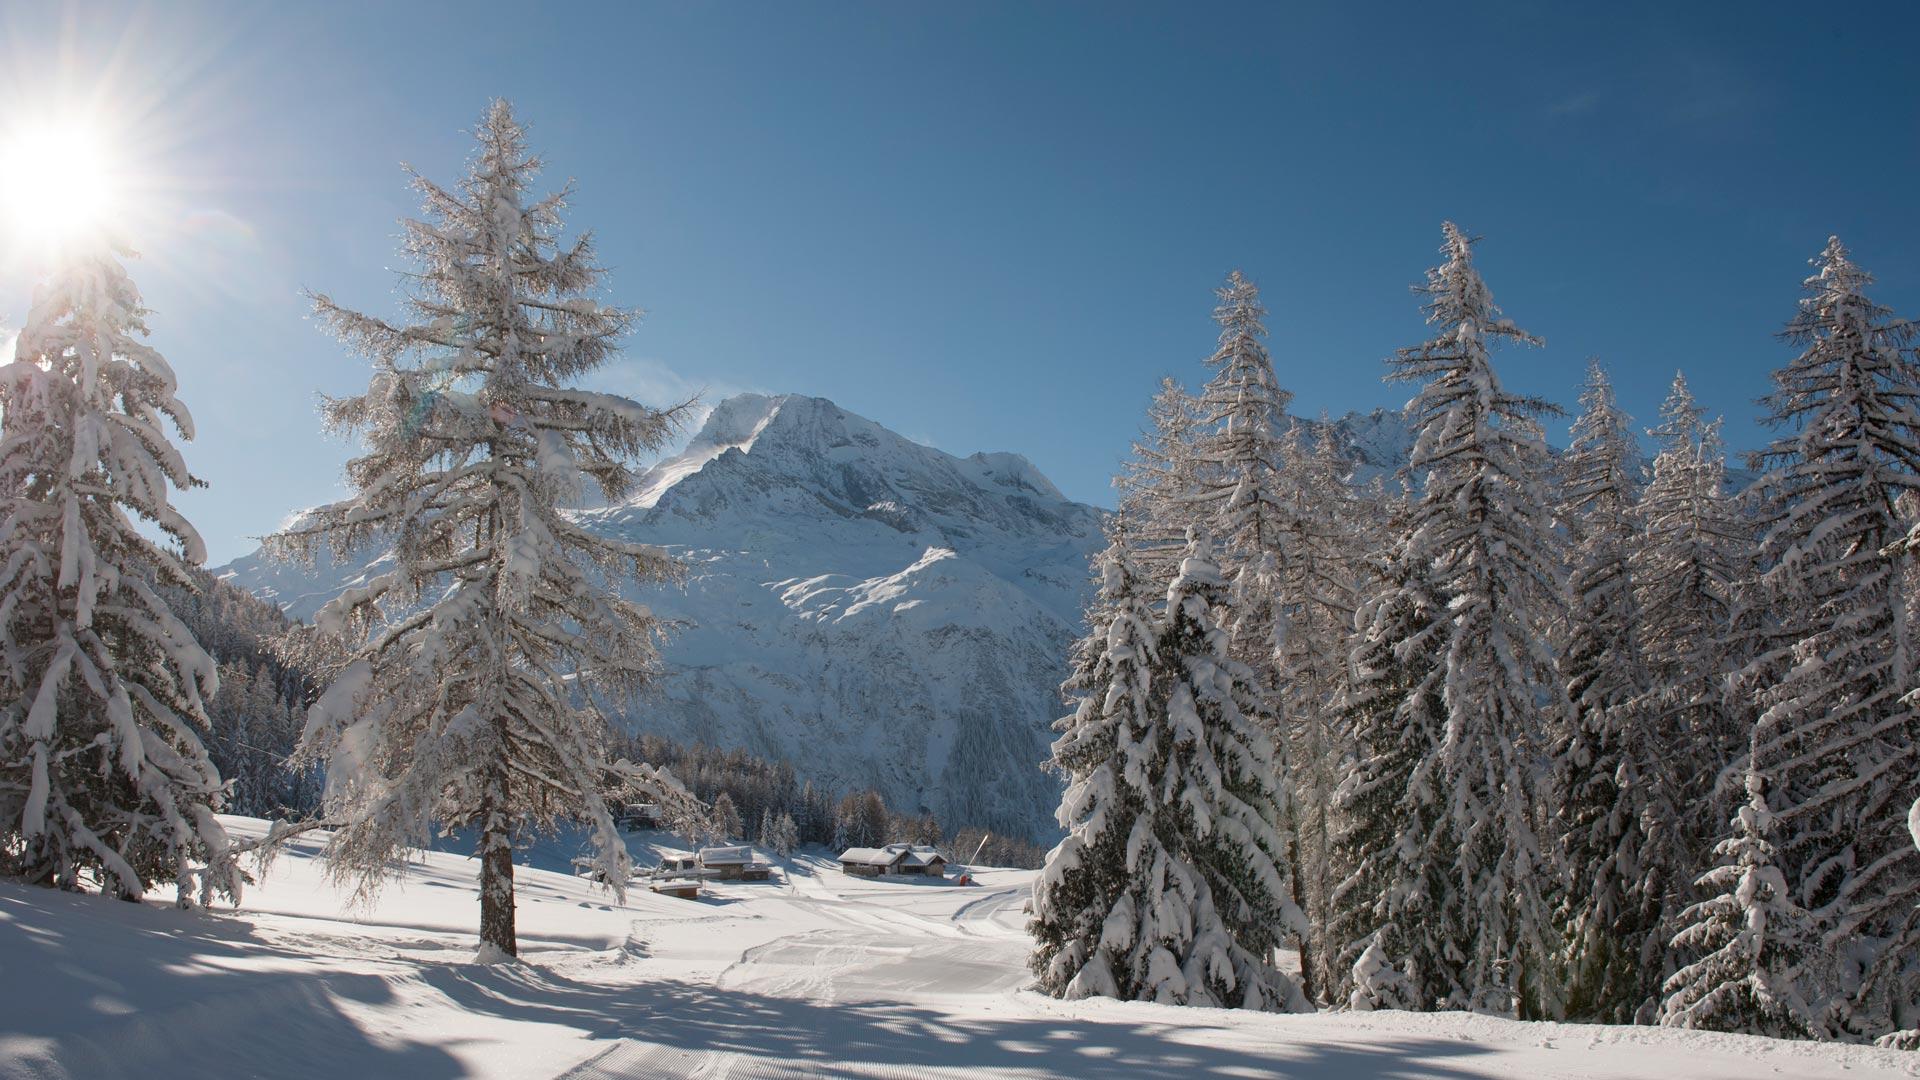 ski slopes Plan Bois, Sainte Foy